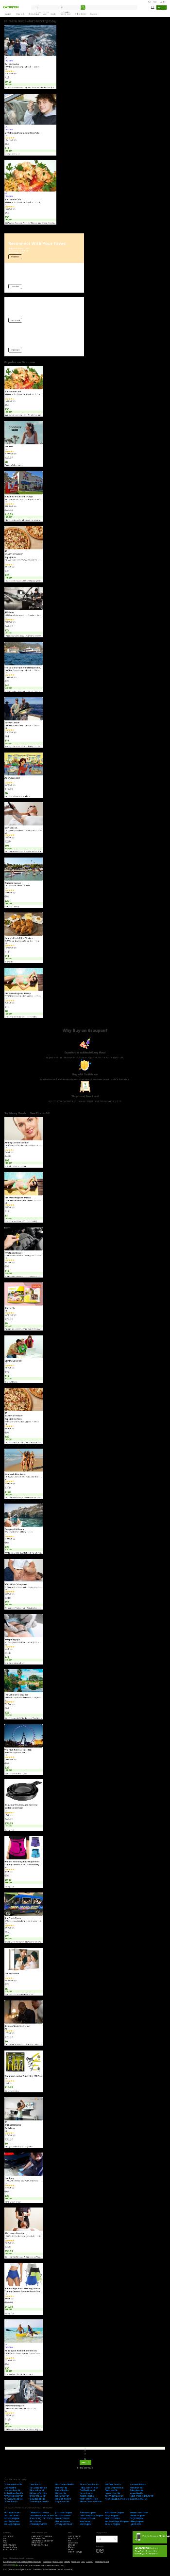 Groupon, Inc. Website Screenshot